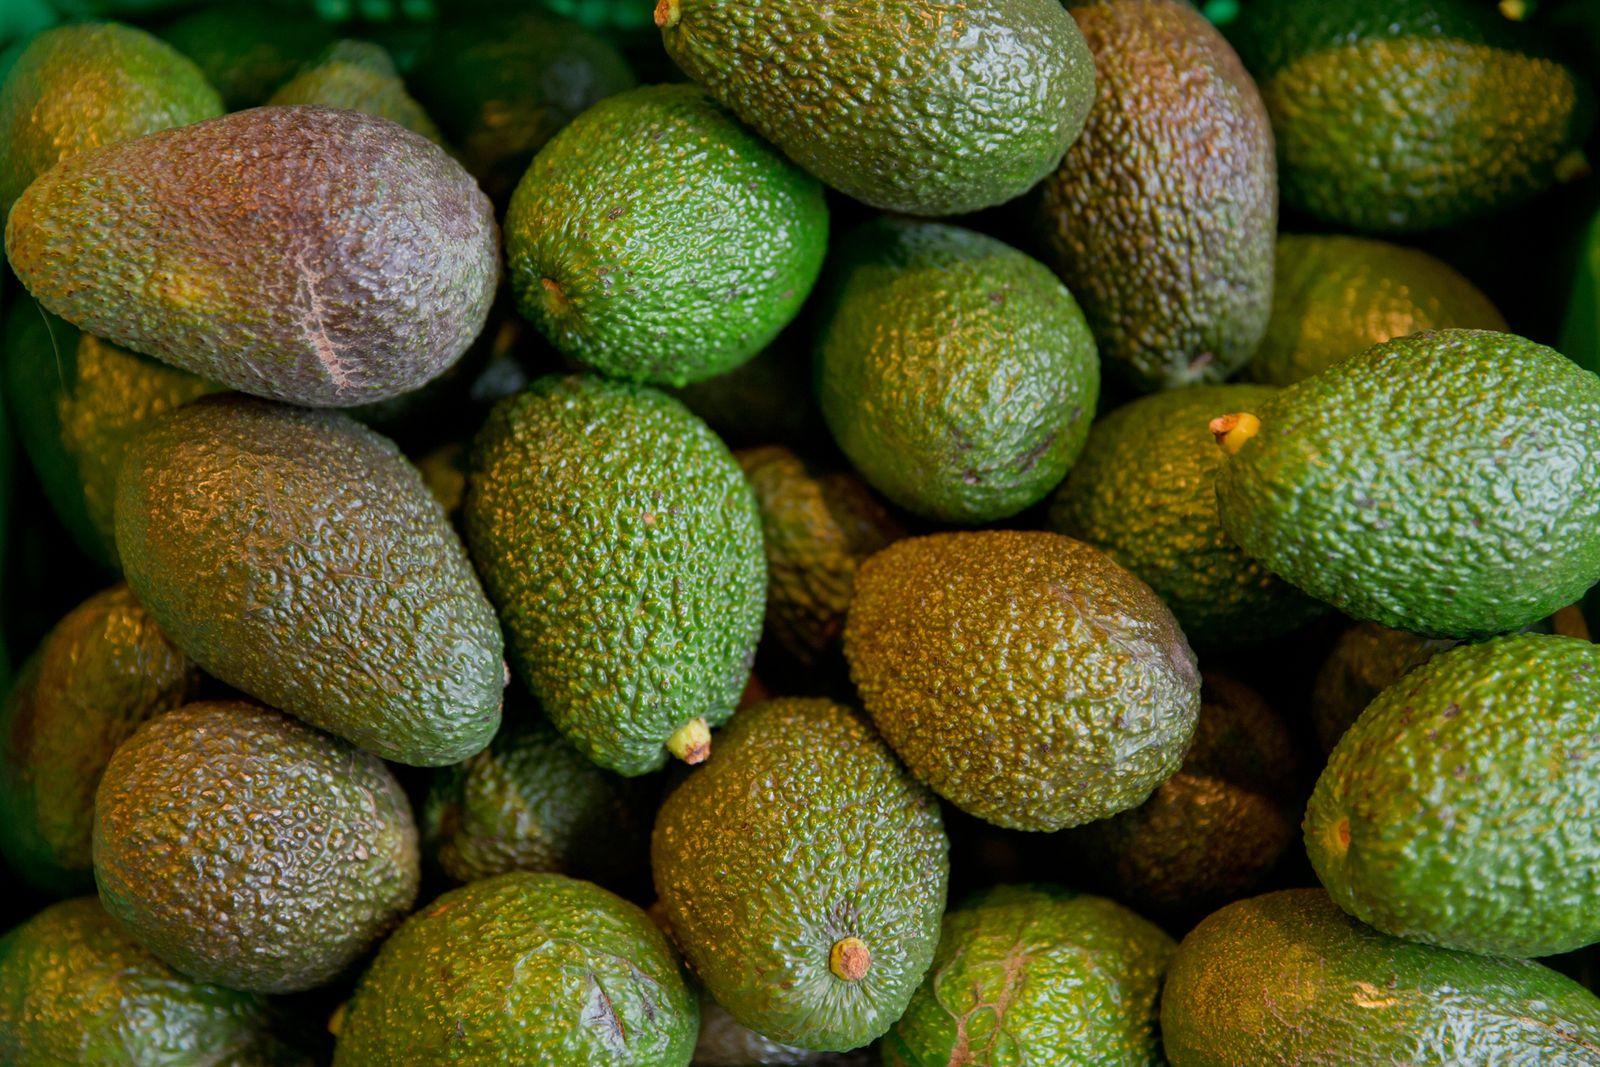 Avocado Dpa